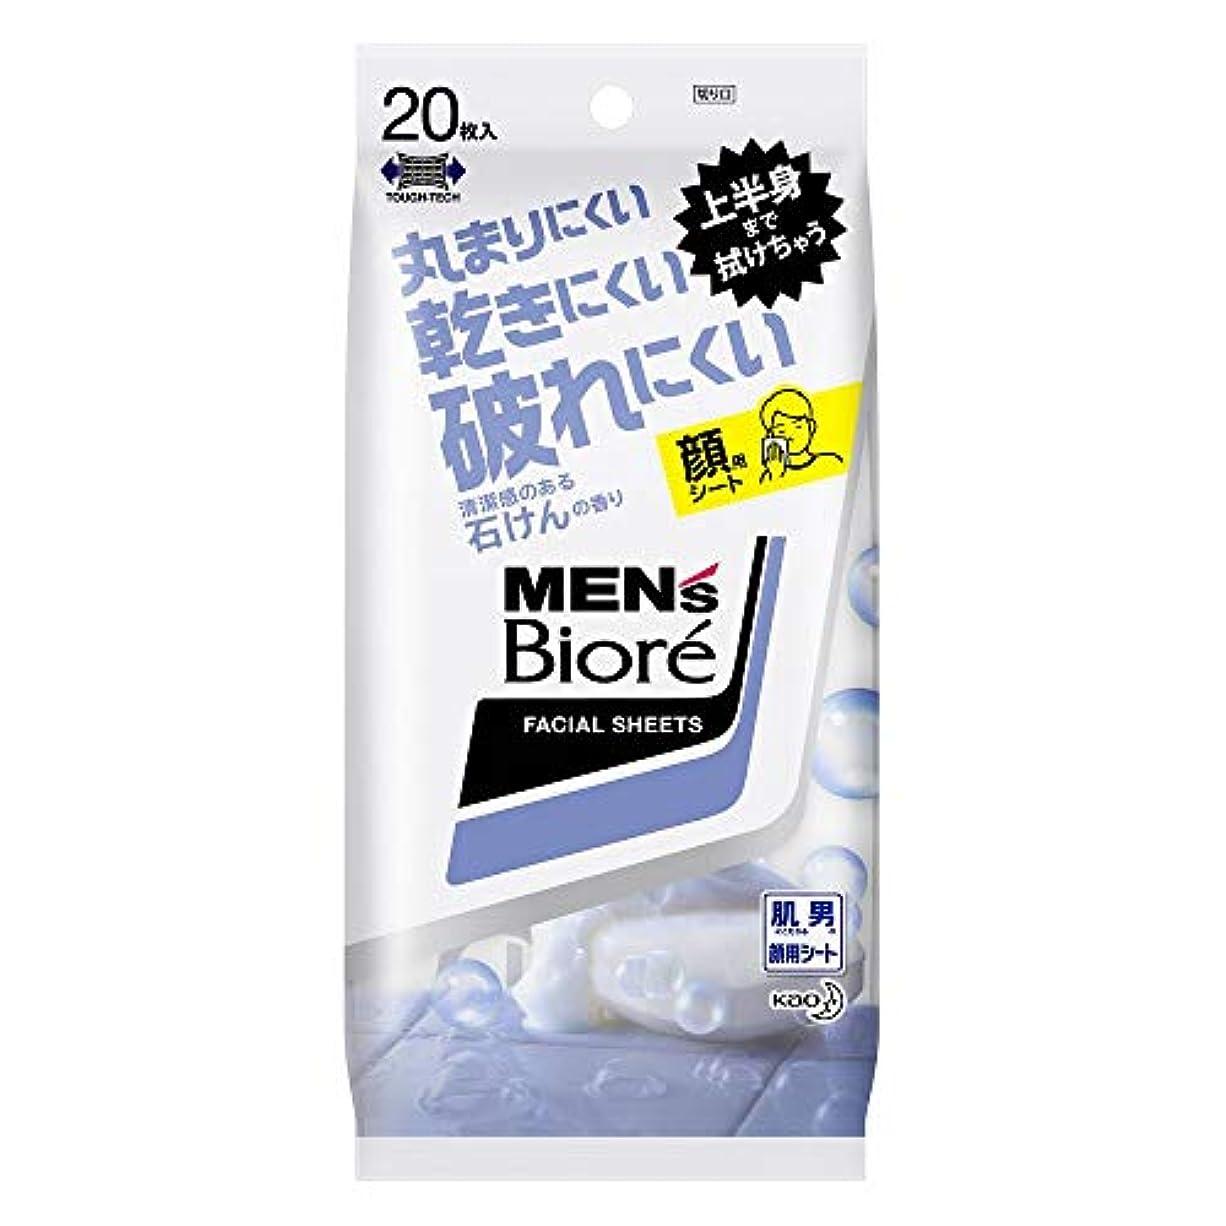 無能十代の若者たち望まない花王 メンズビオレ 洗顔シート 石けん 携帯用 20枚